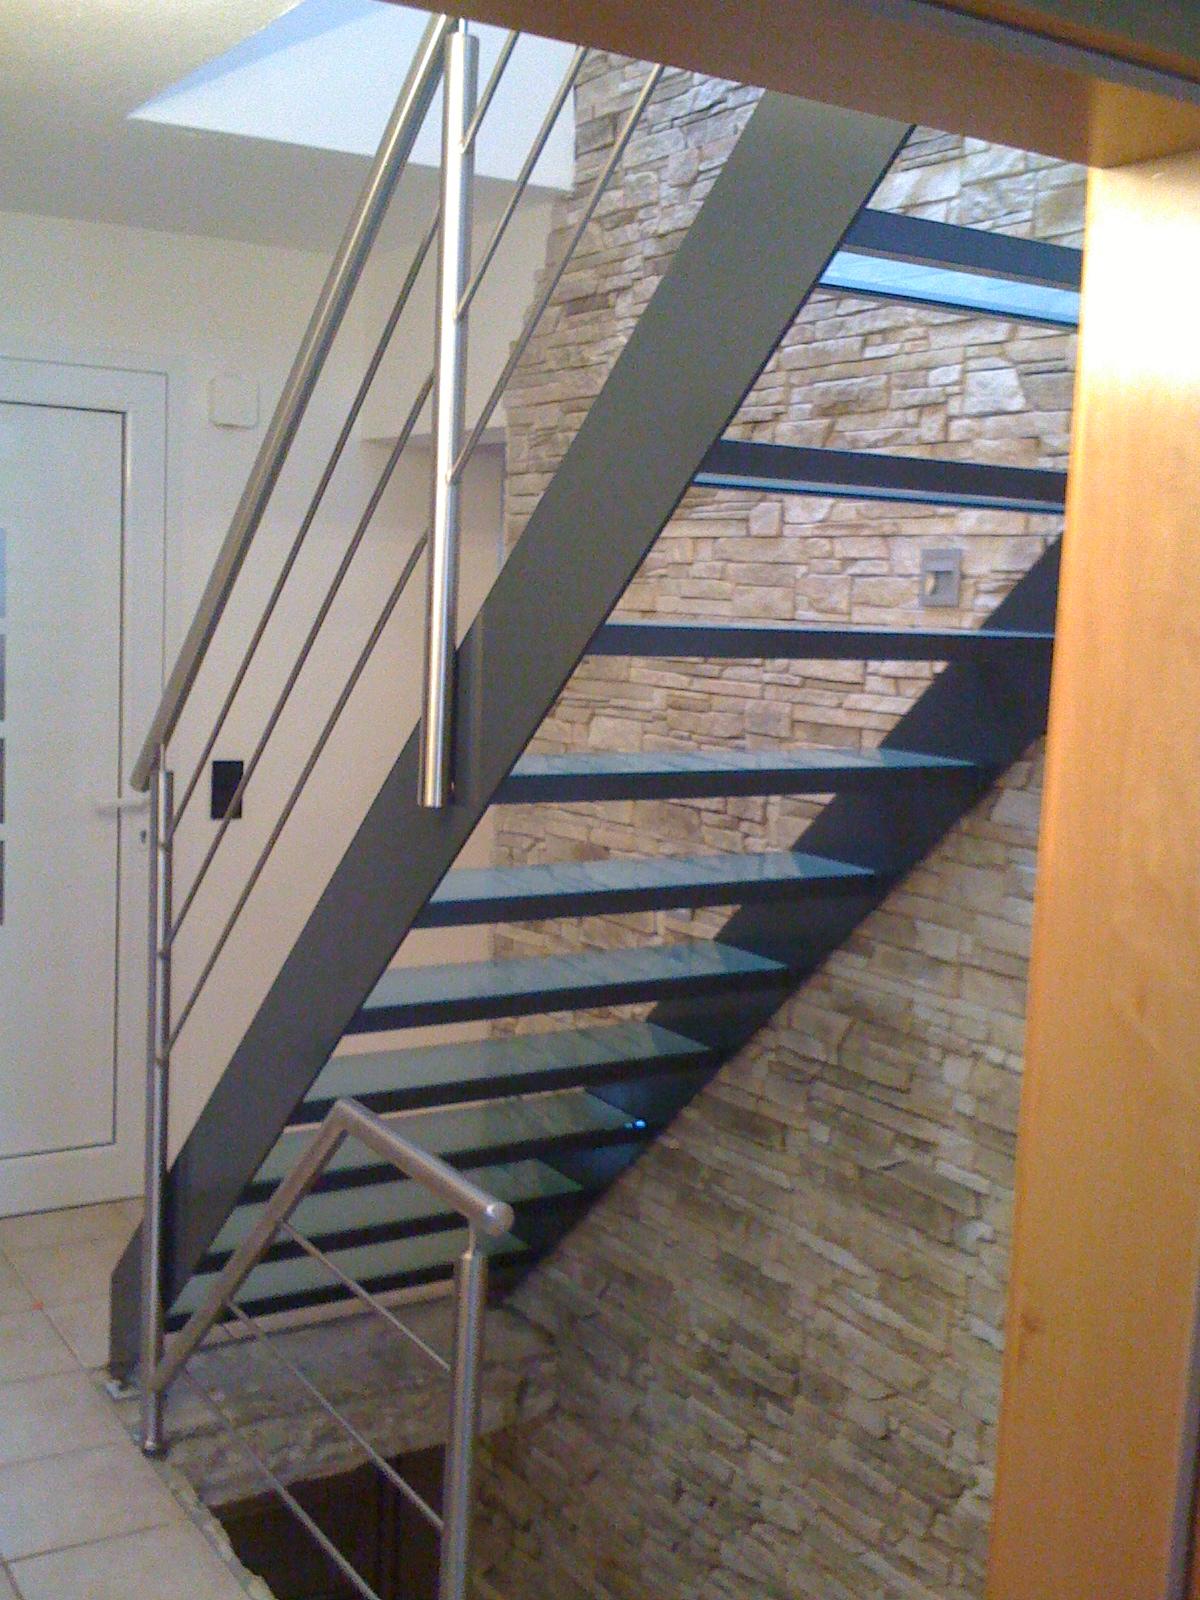 Rechte trappen rousseau vormgevers in metaal - Kantoor houten school ...